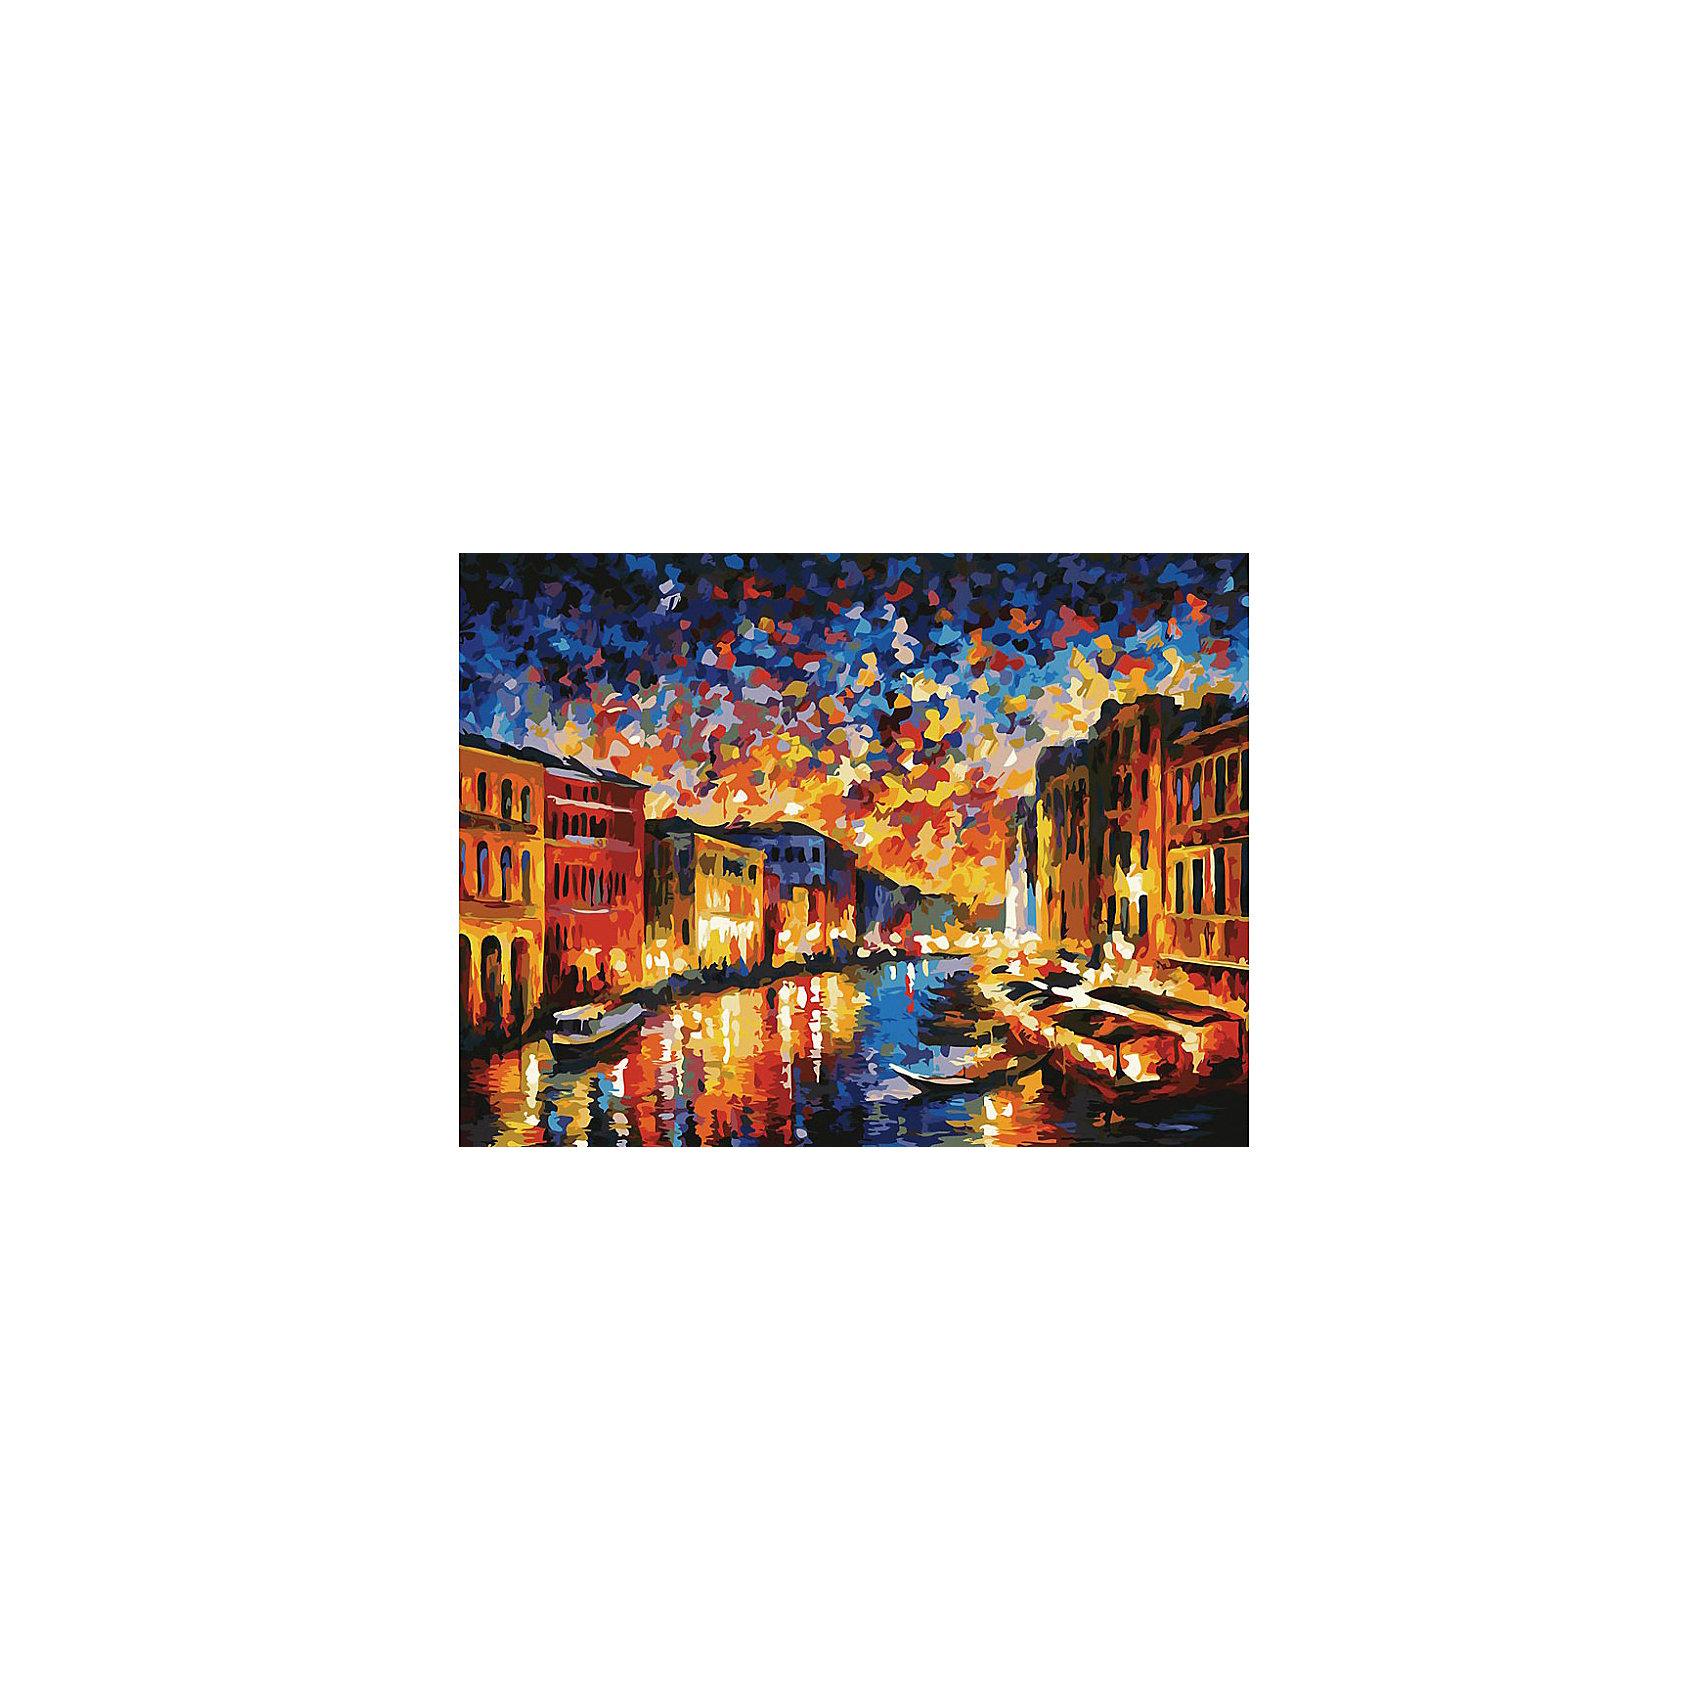 Белоснежка Живопись на картоне 30*40 см Гранд-Канал Венеция живопись на цветном холсте стоянка гондол венеция 40 х 50 см